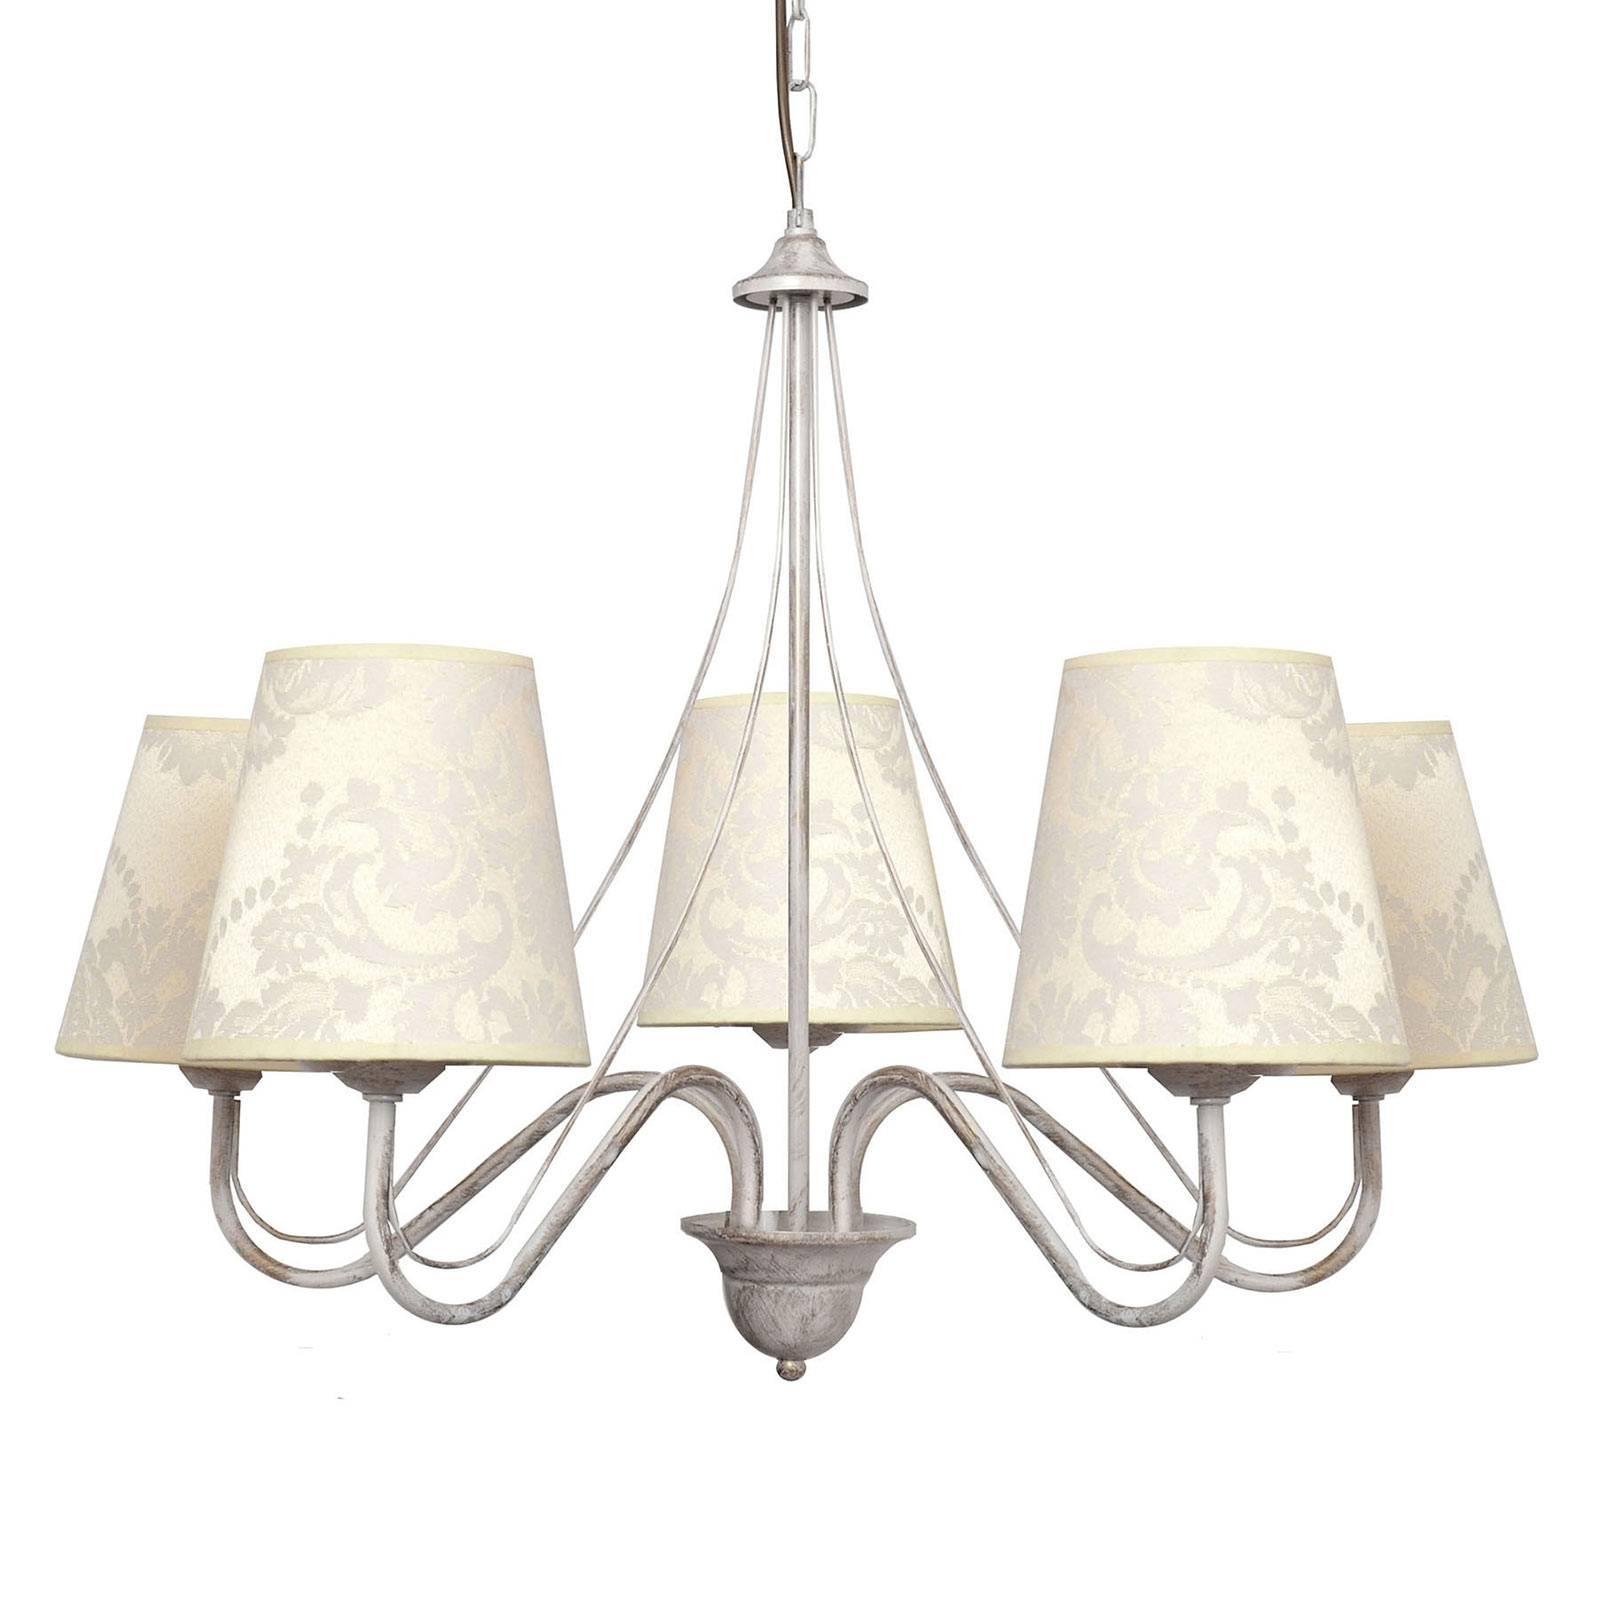 Kroonluchter Malbo 5-lamps wit met textielkappen